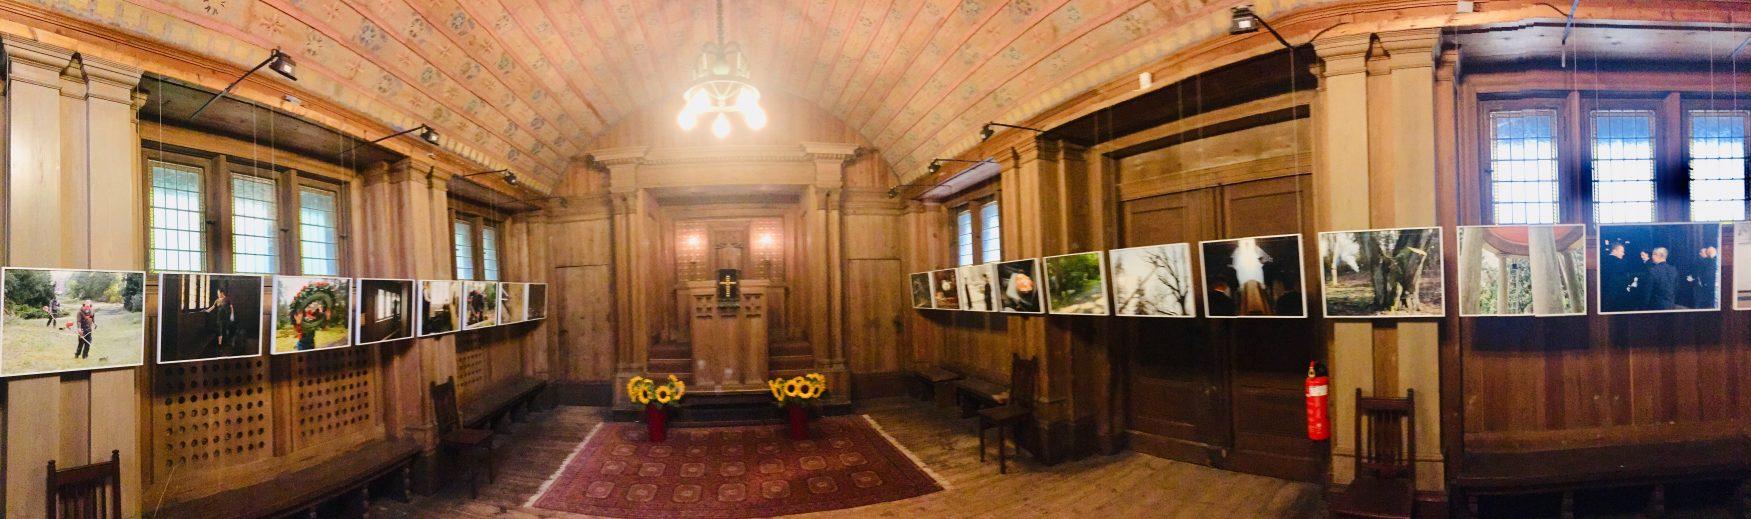 Blick in das Innere der kleinen Trauerkapelle ©Weirauch